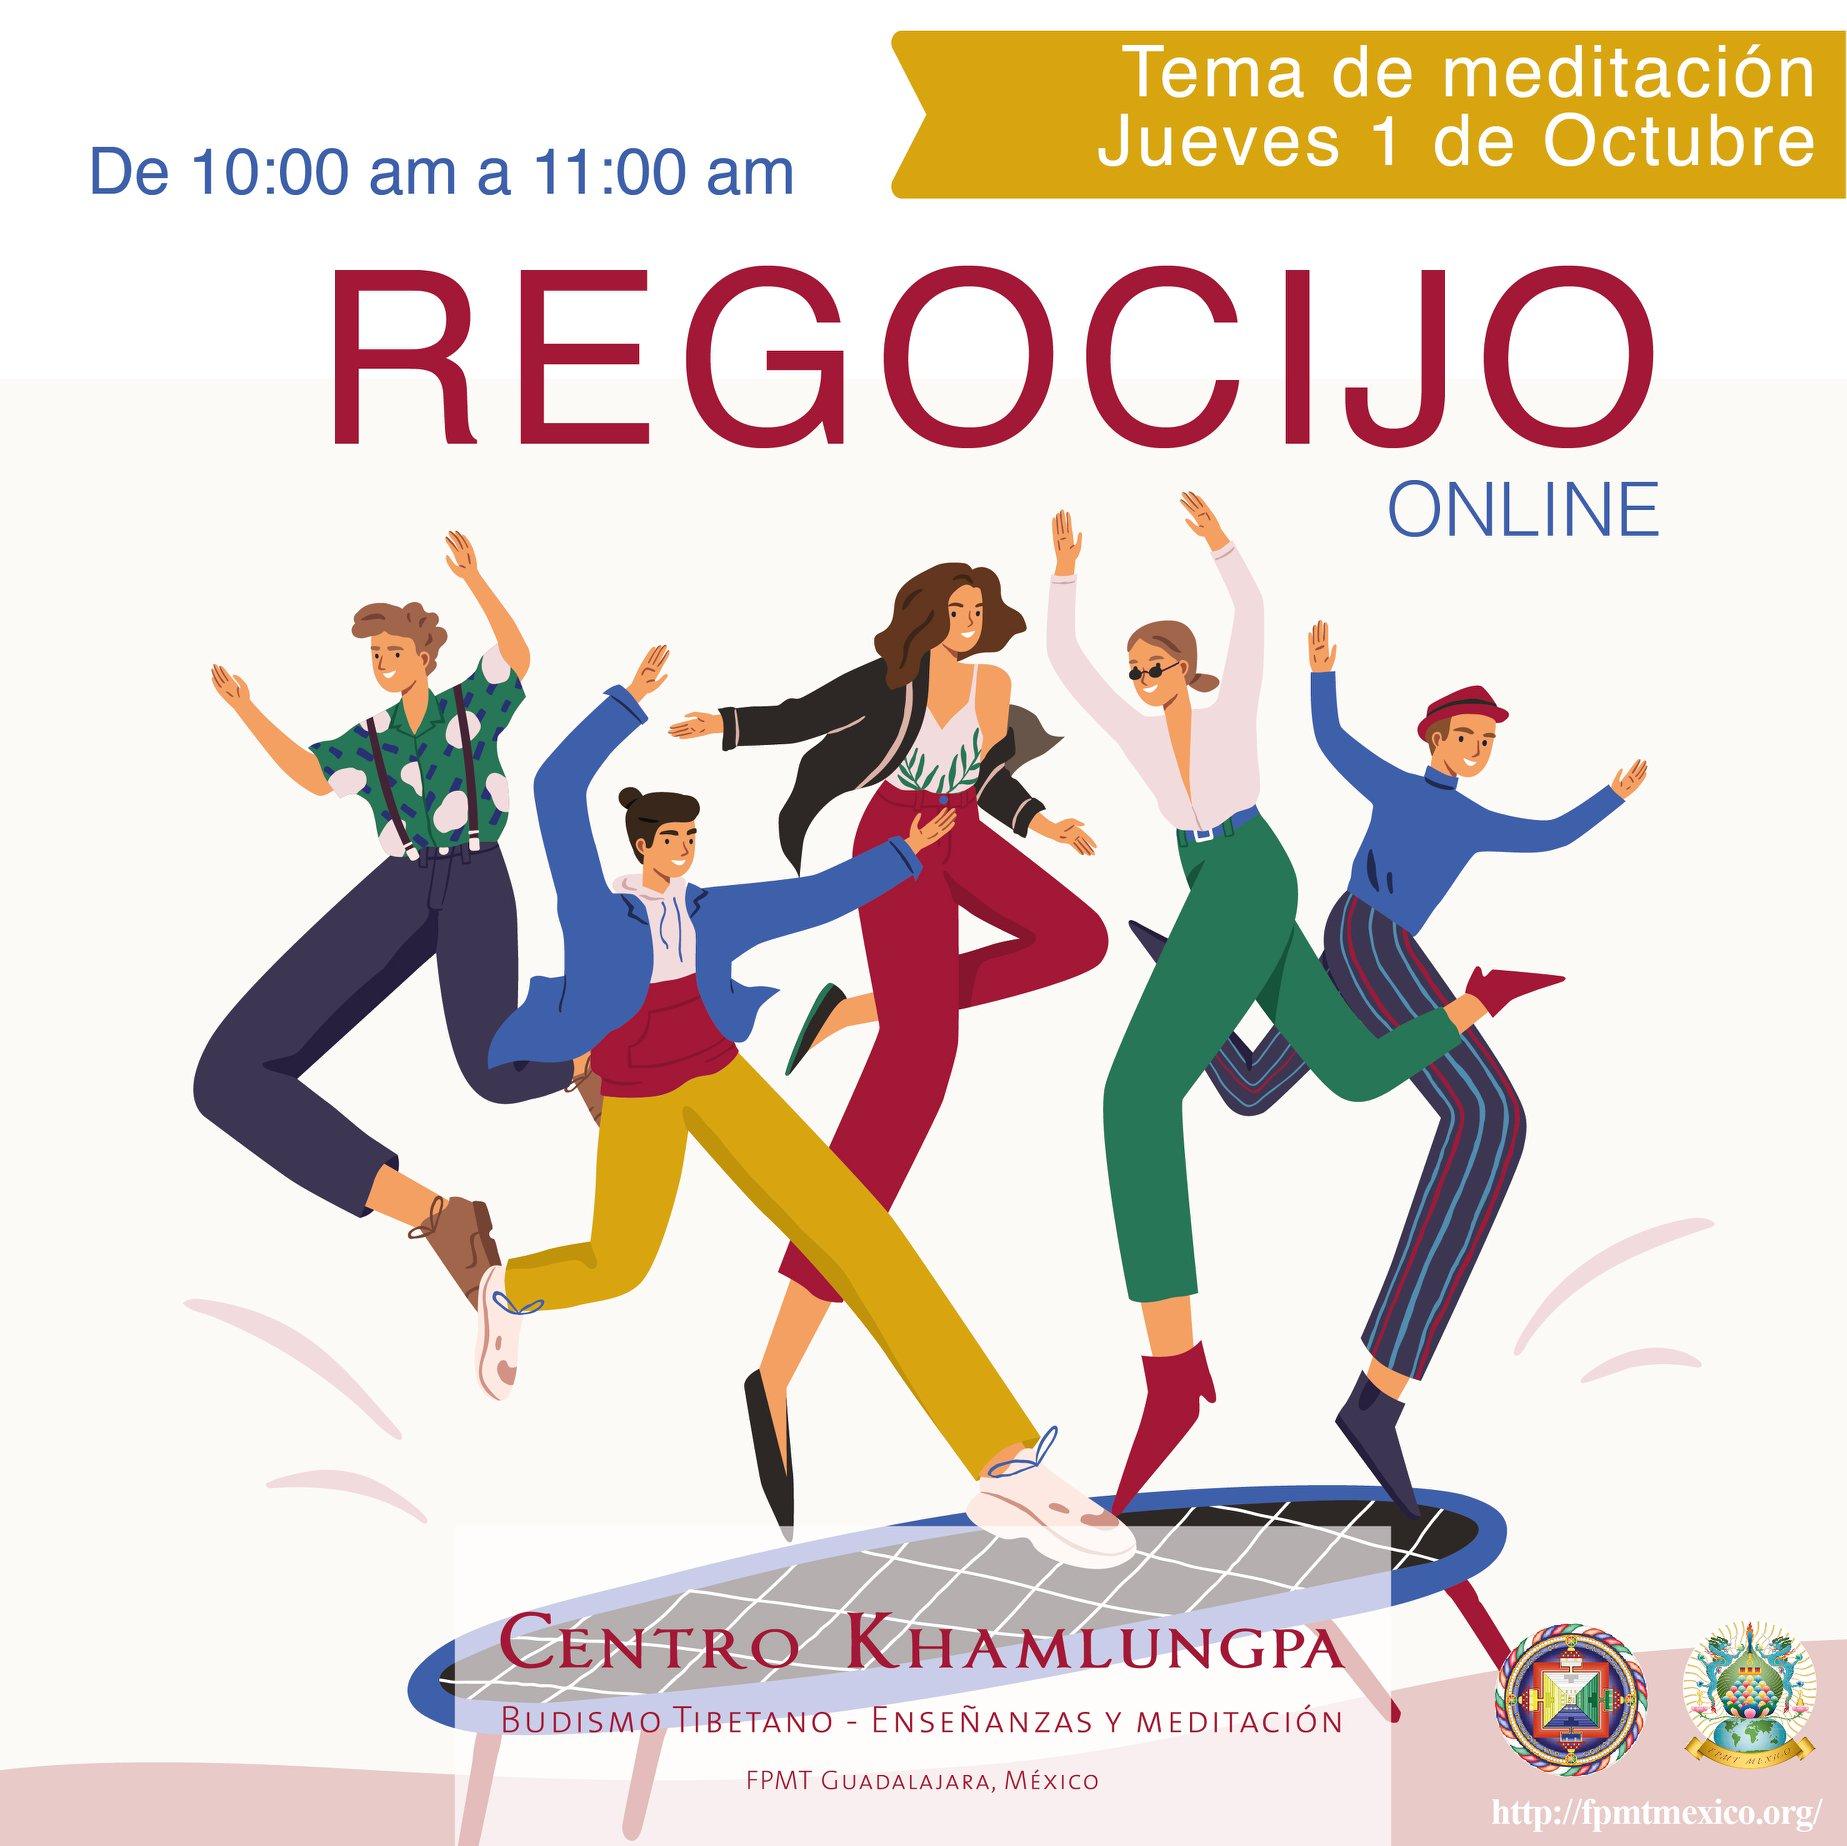 CONFERENCIA_CENTRO_KHAMLUNGPA_REGOCIJO